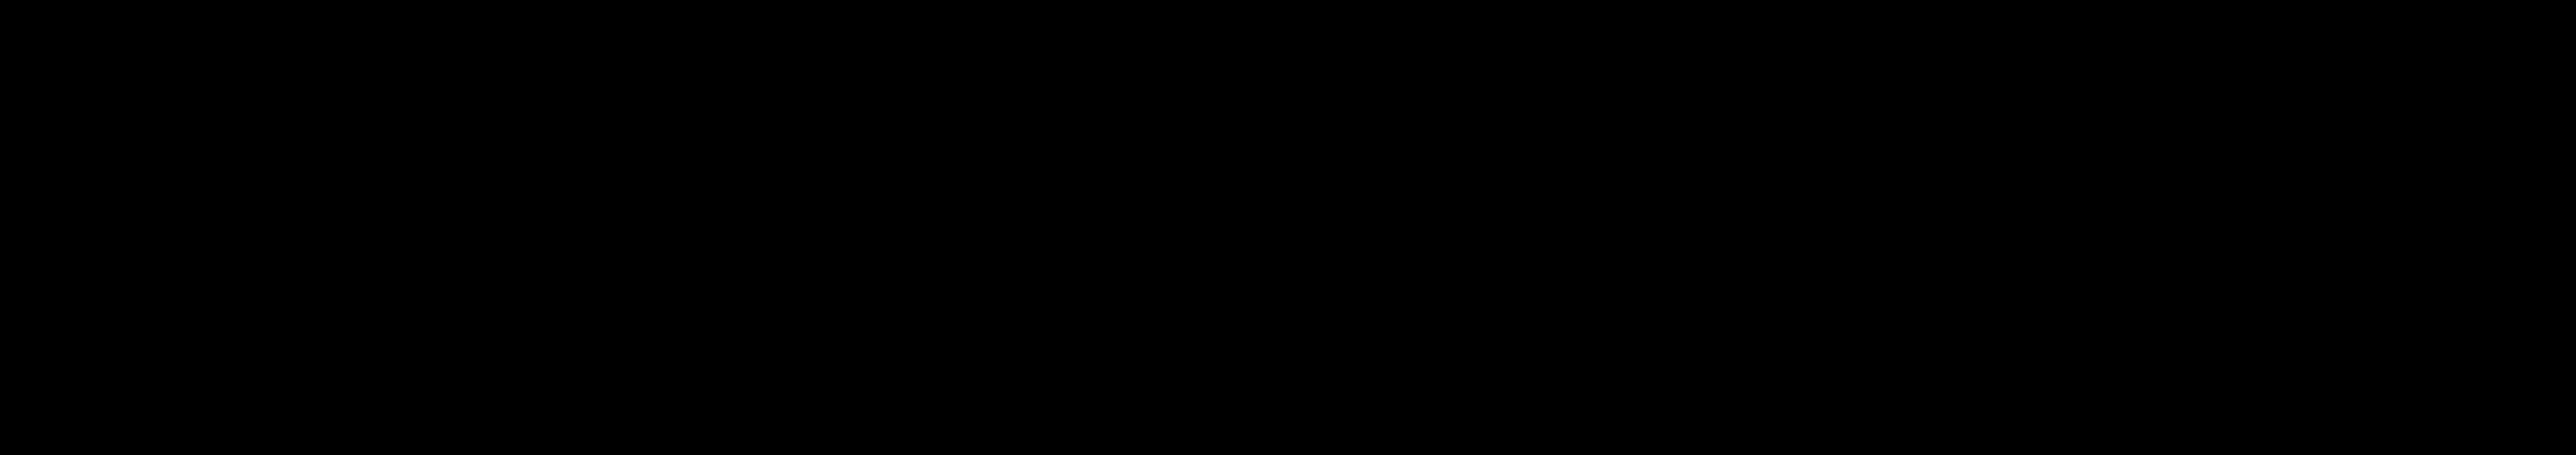 Resultado de imagem para text dividers png